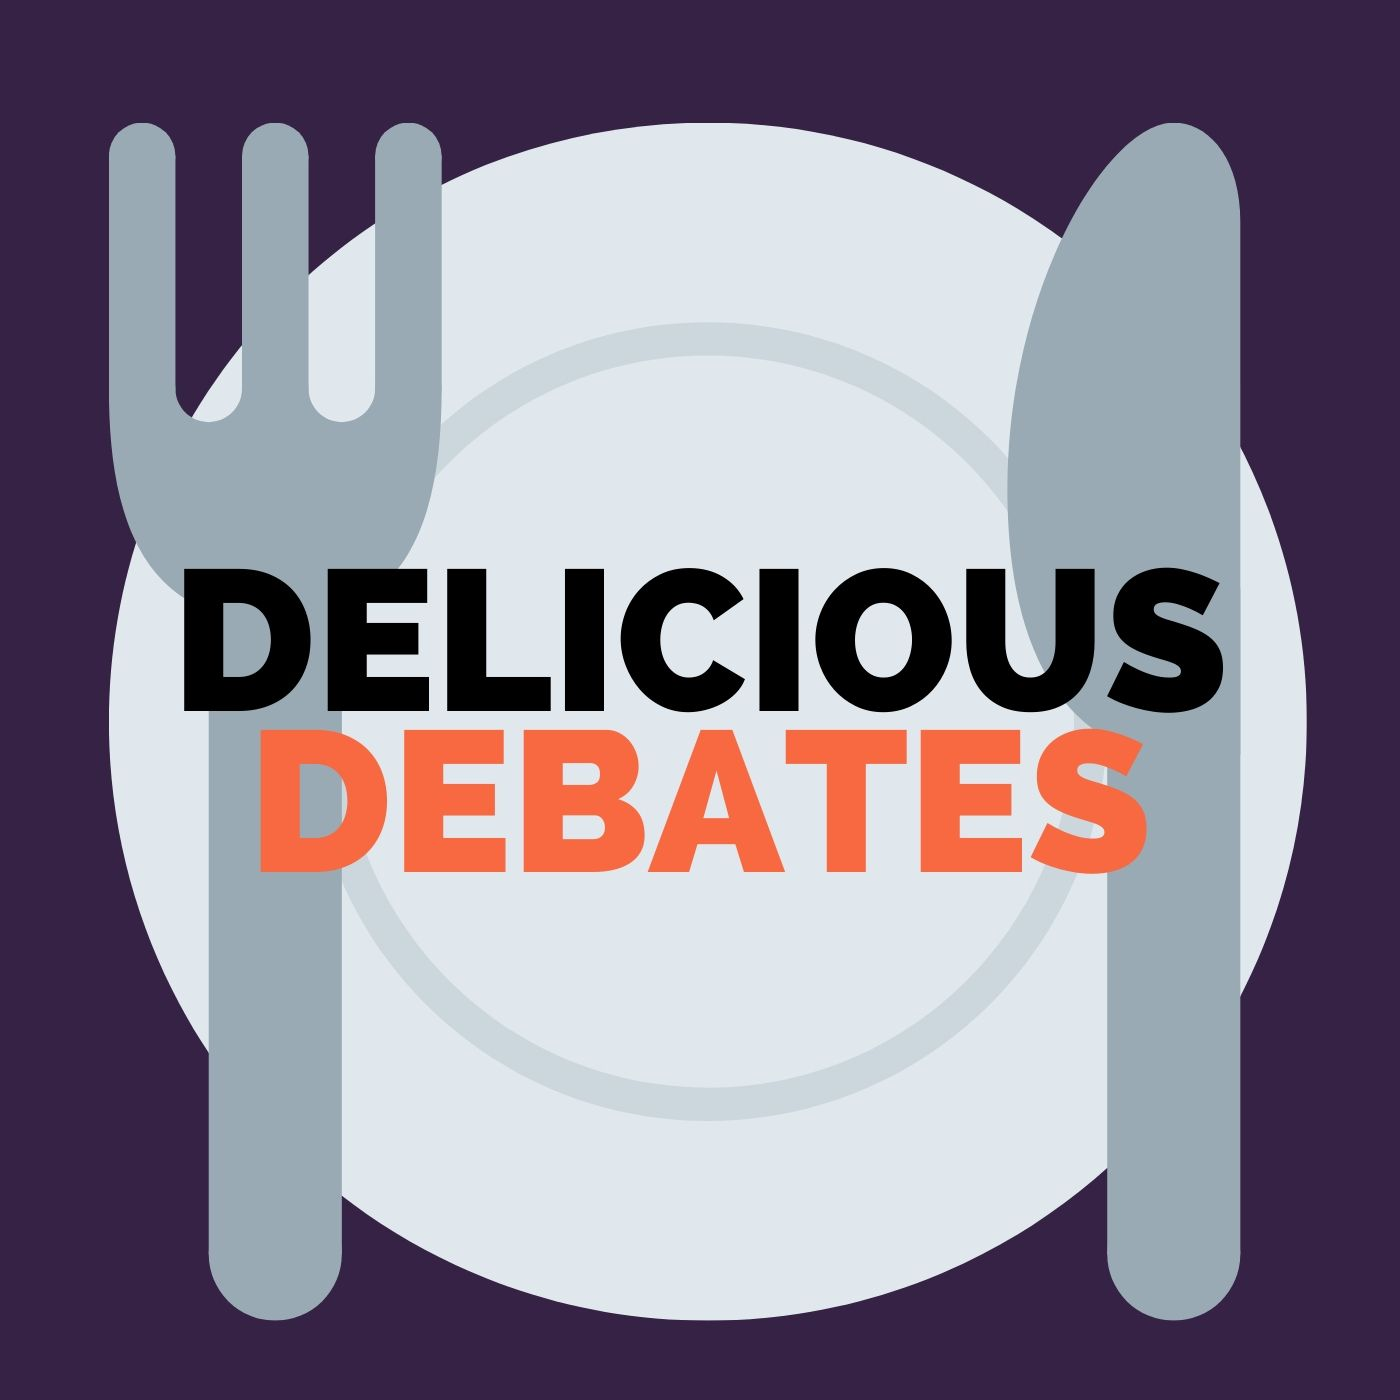 Delicious Debates